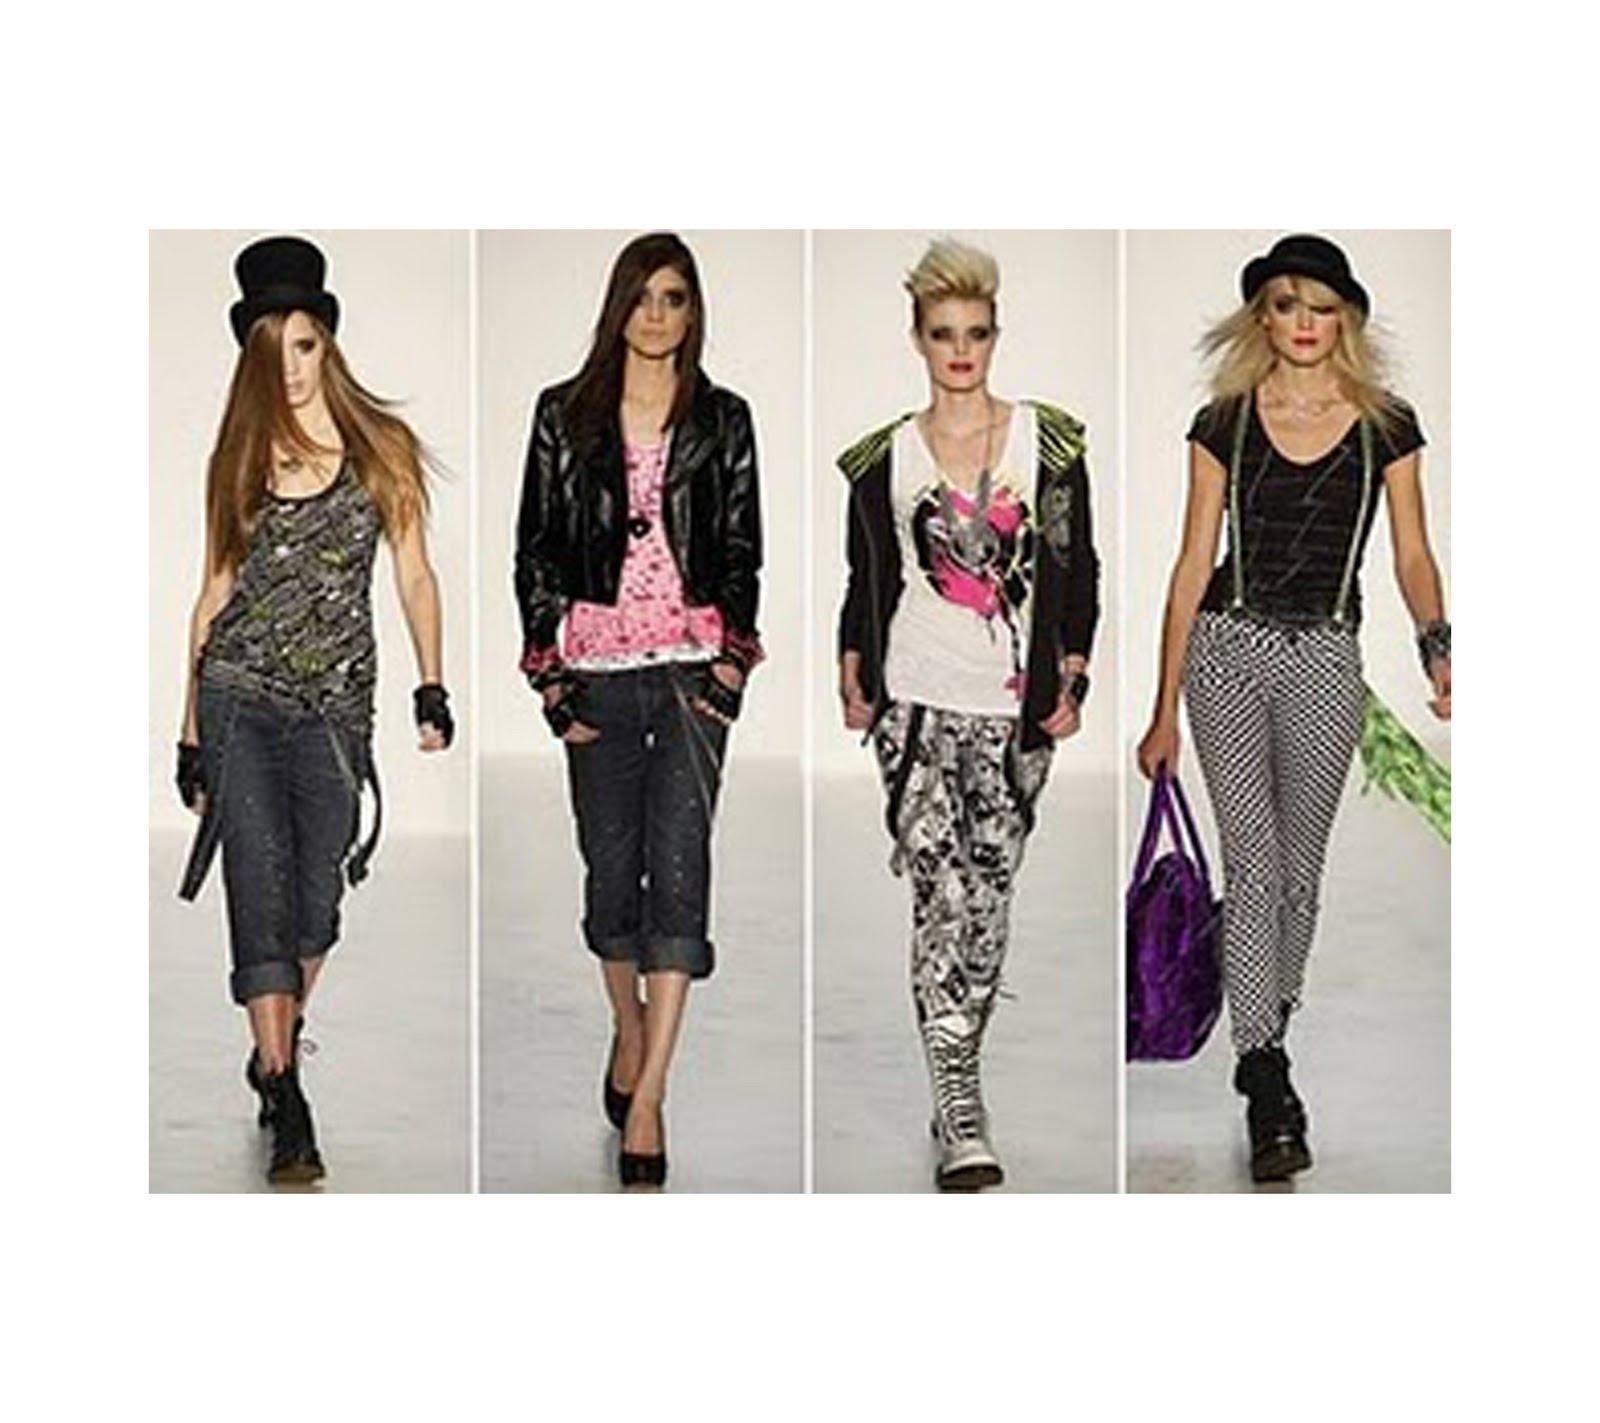 http://2.bp.blogspot.com/_Q2Nc7aiIXNc/TGMyhveClhI/AAAAAAAAAJc/Cx0A6nHi1_U/s1600/celebridde+suspensorio+4.jpg